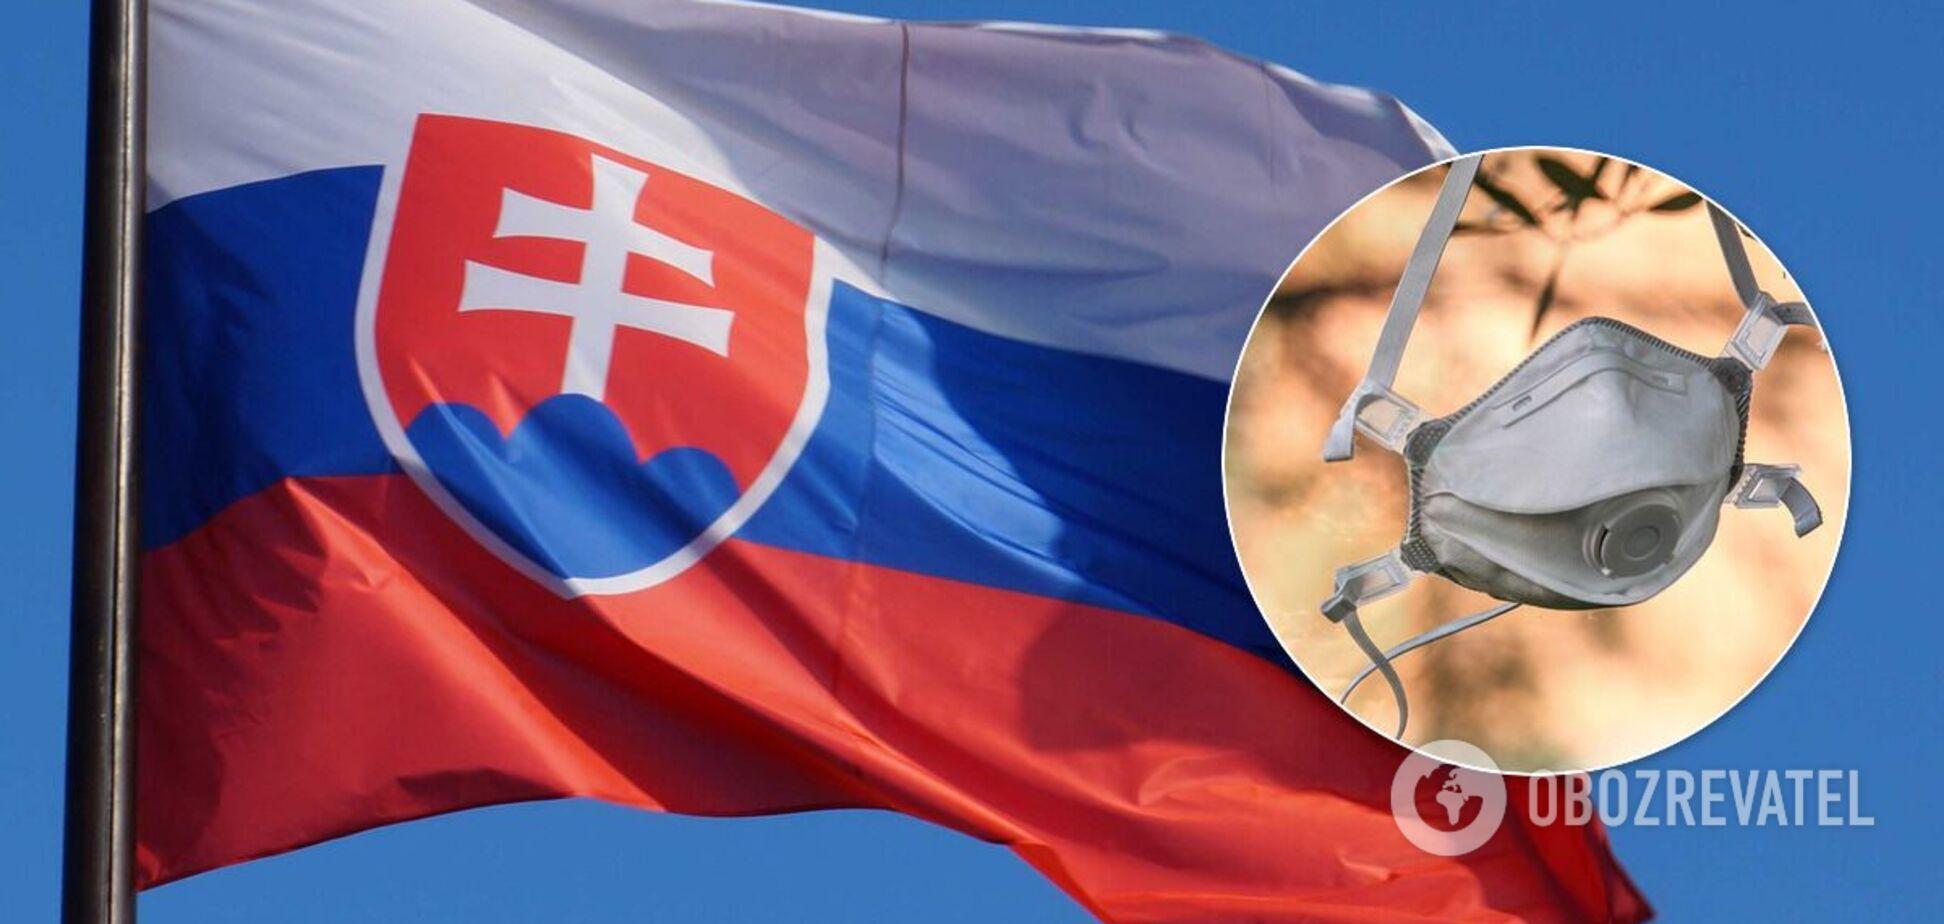 Вторая волна эпидемии в Словакии достигнет своего пика в сентябре